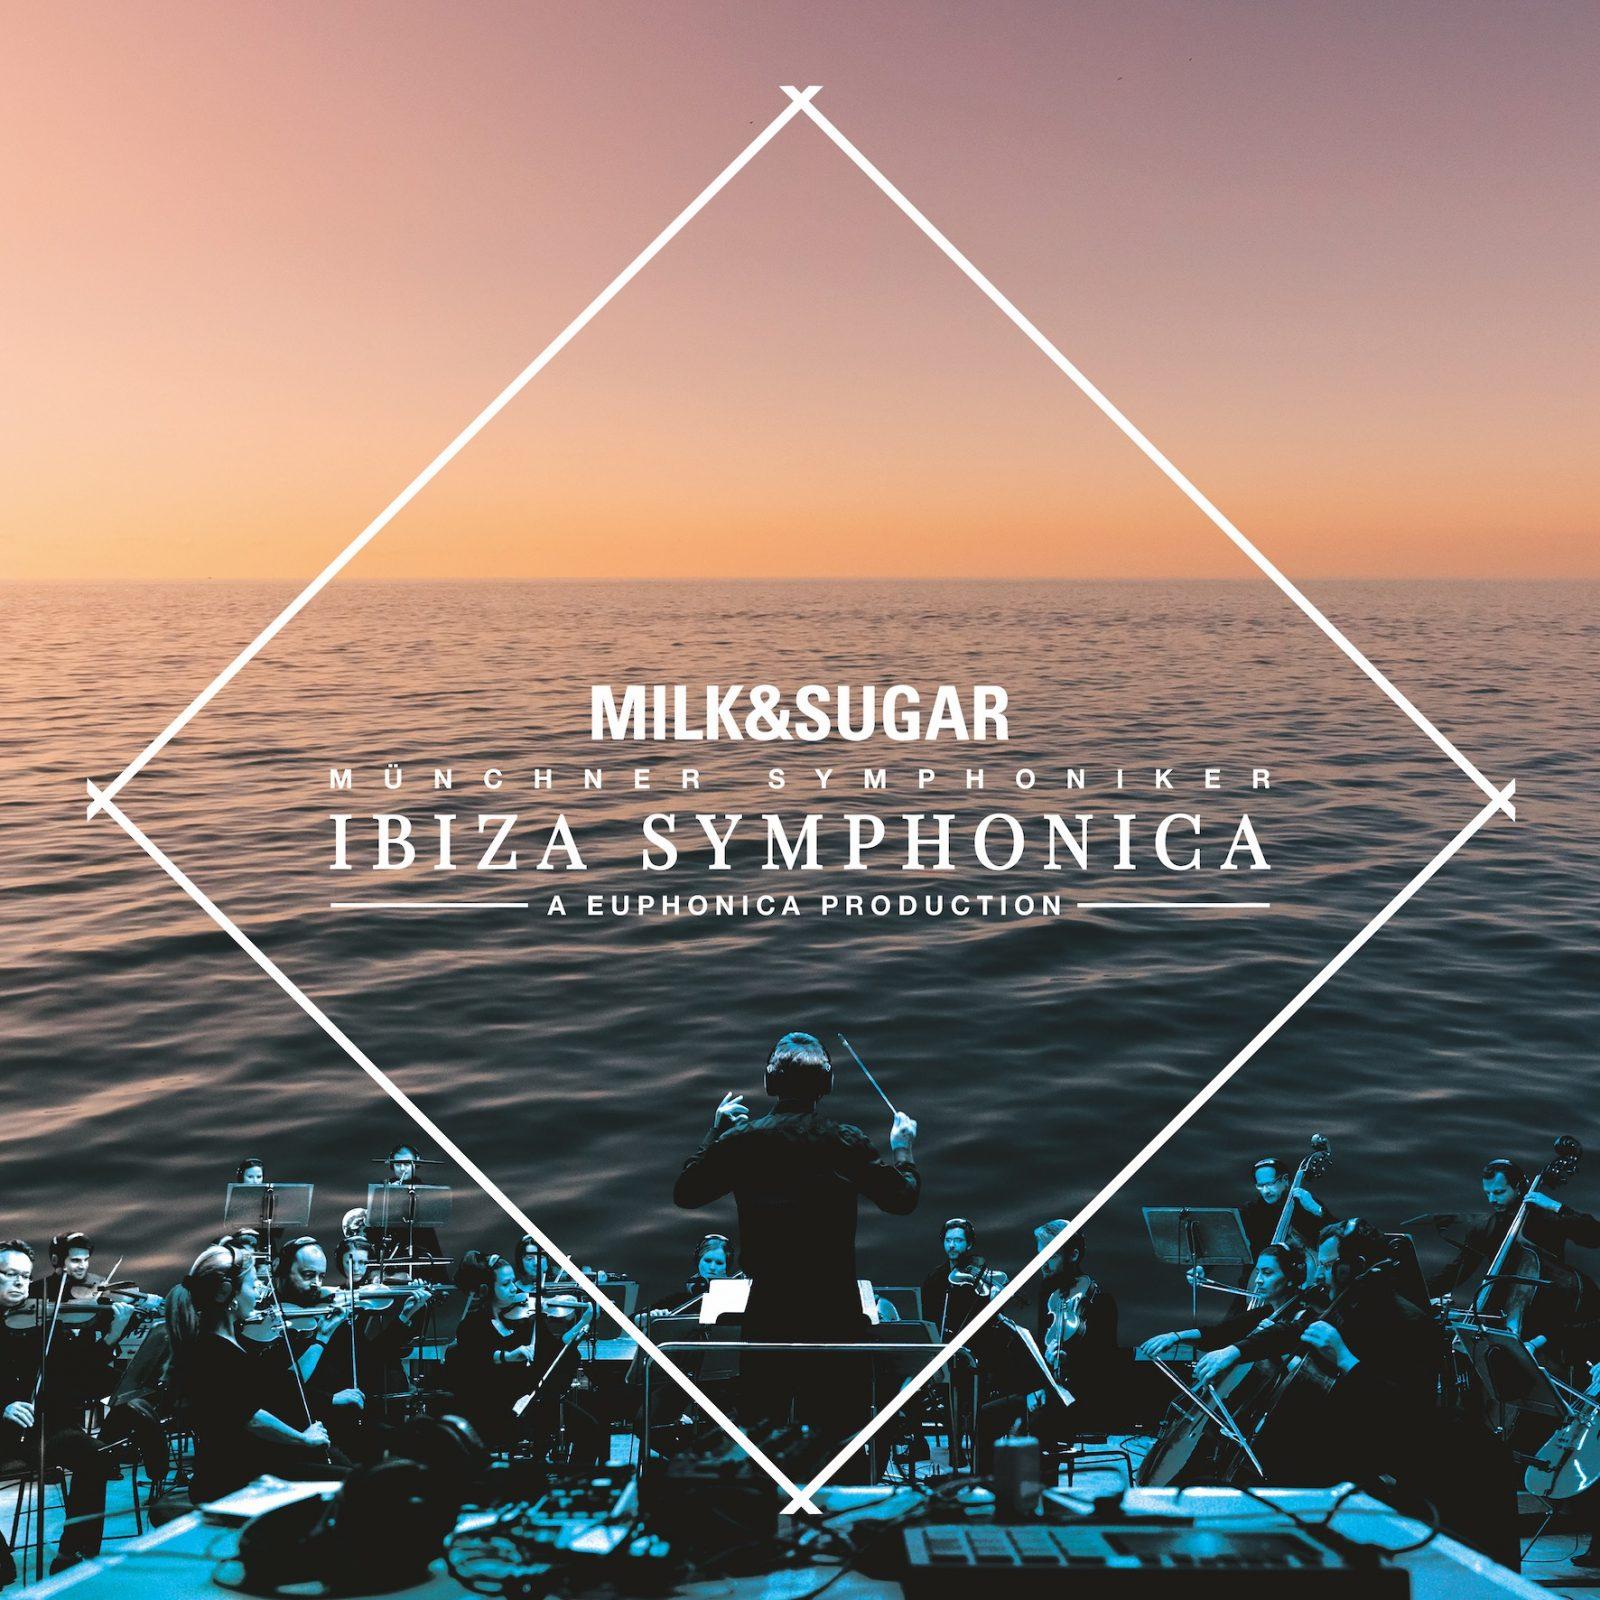 IBIZA SYMPHONICA präsentiert von Milk & Sugar, den Münchner Symphonikern und Euphonica